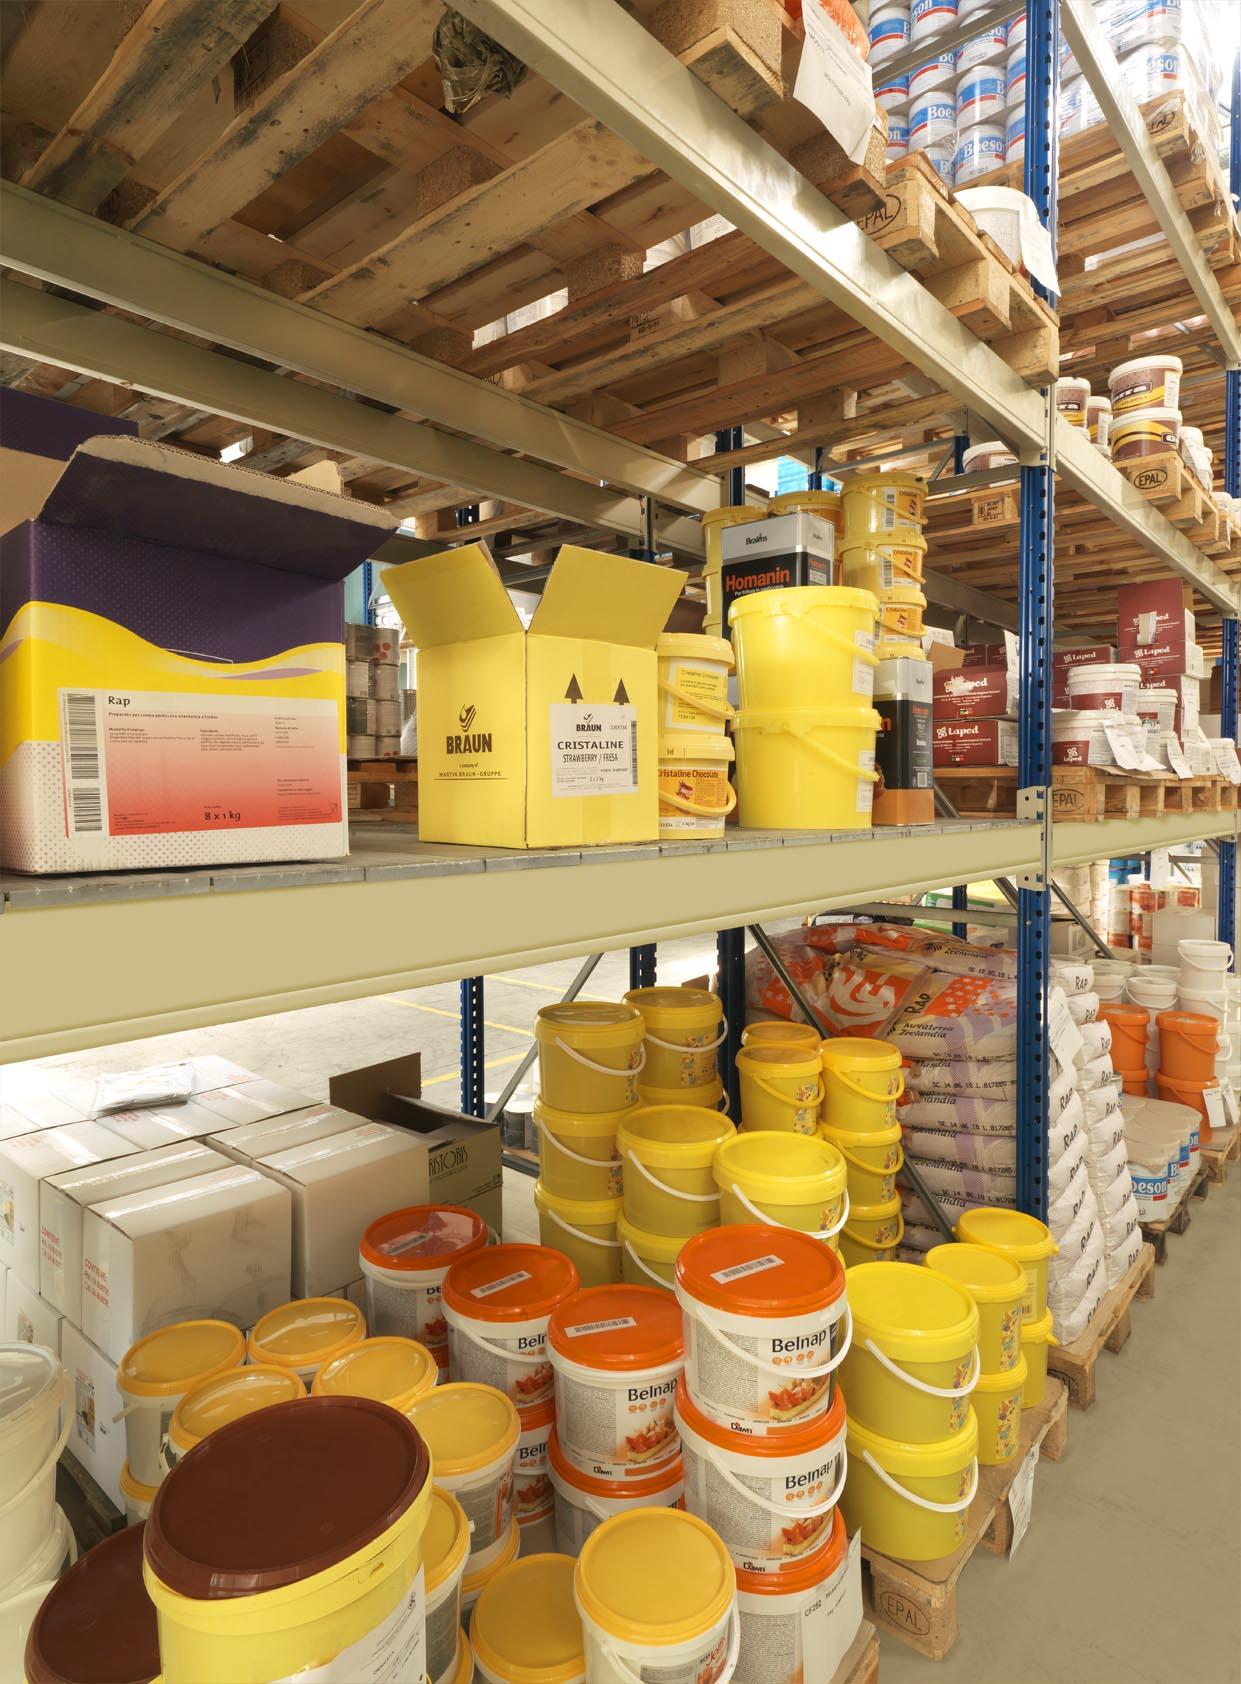 magazzino dolcelinea con prodotti per pasticceria, panificazione e gastronomia